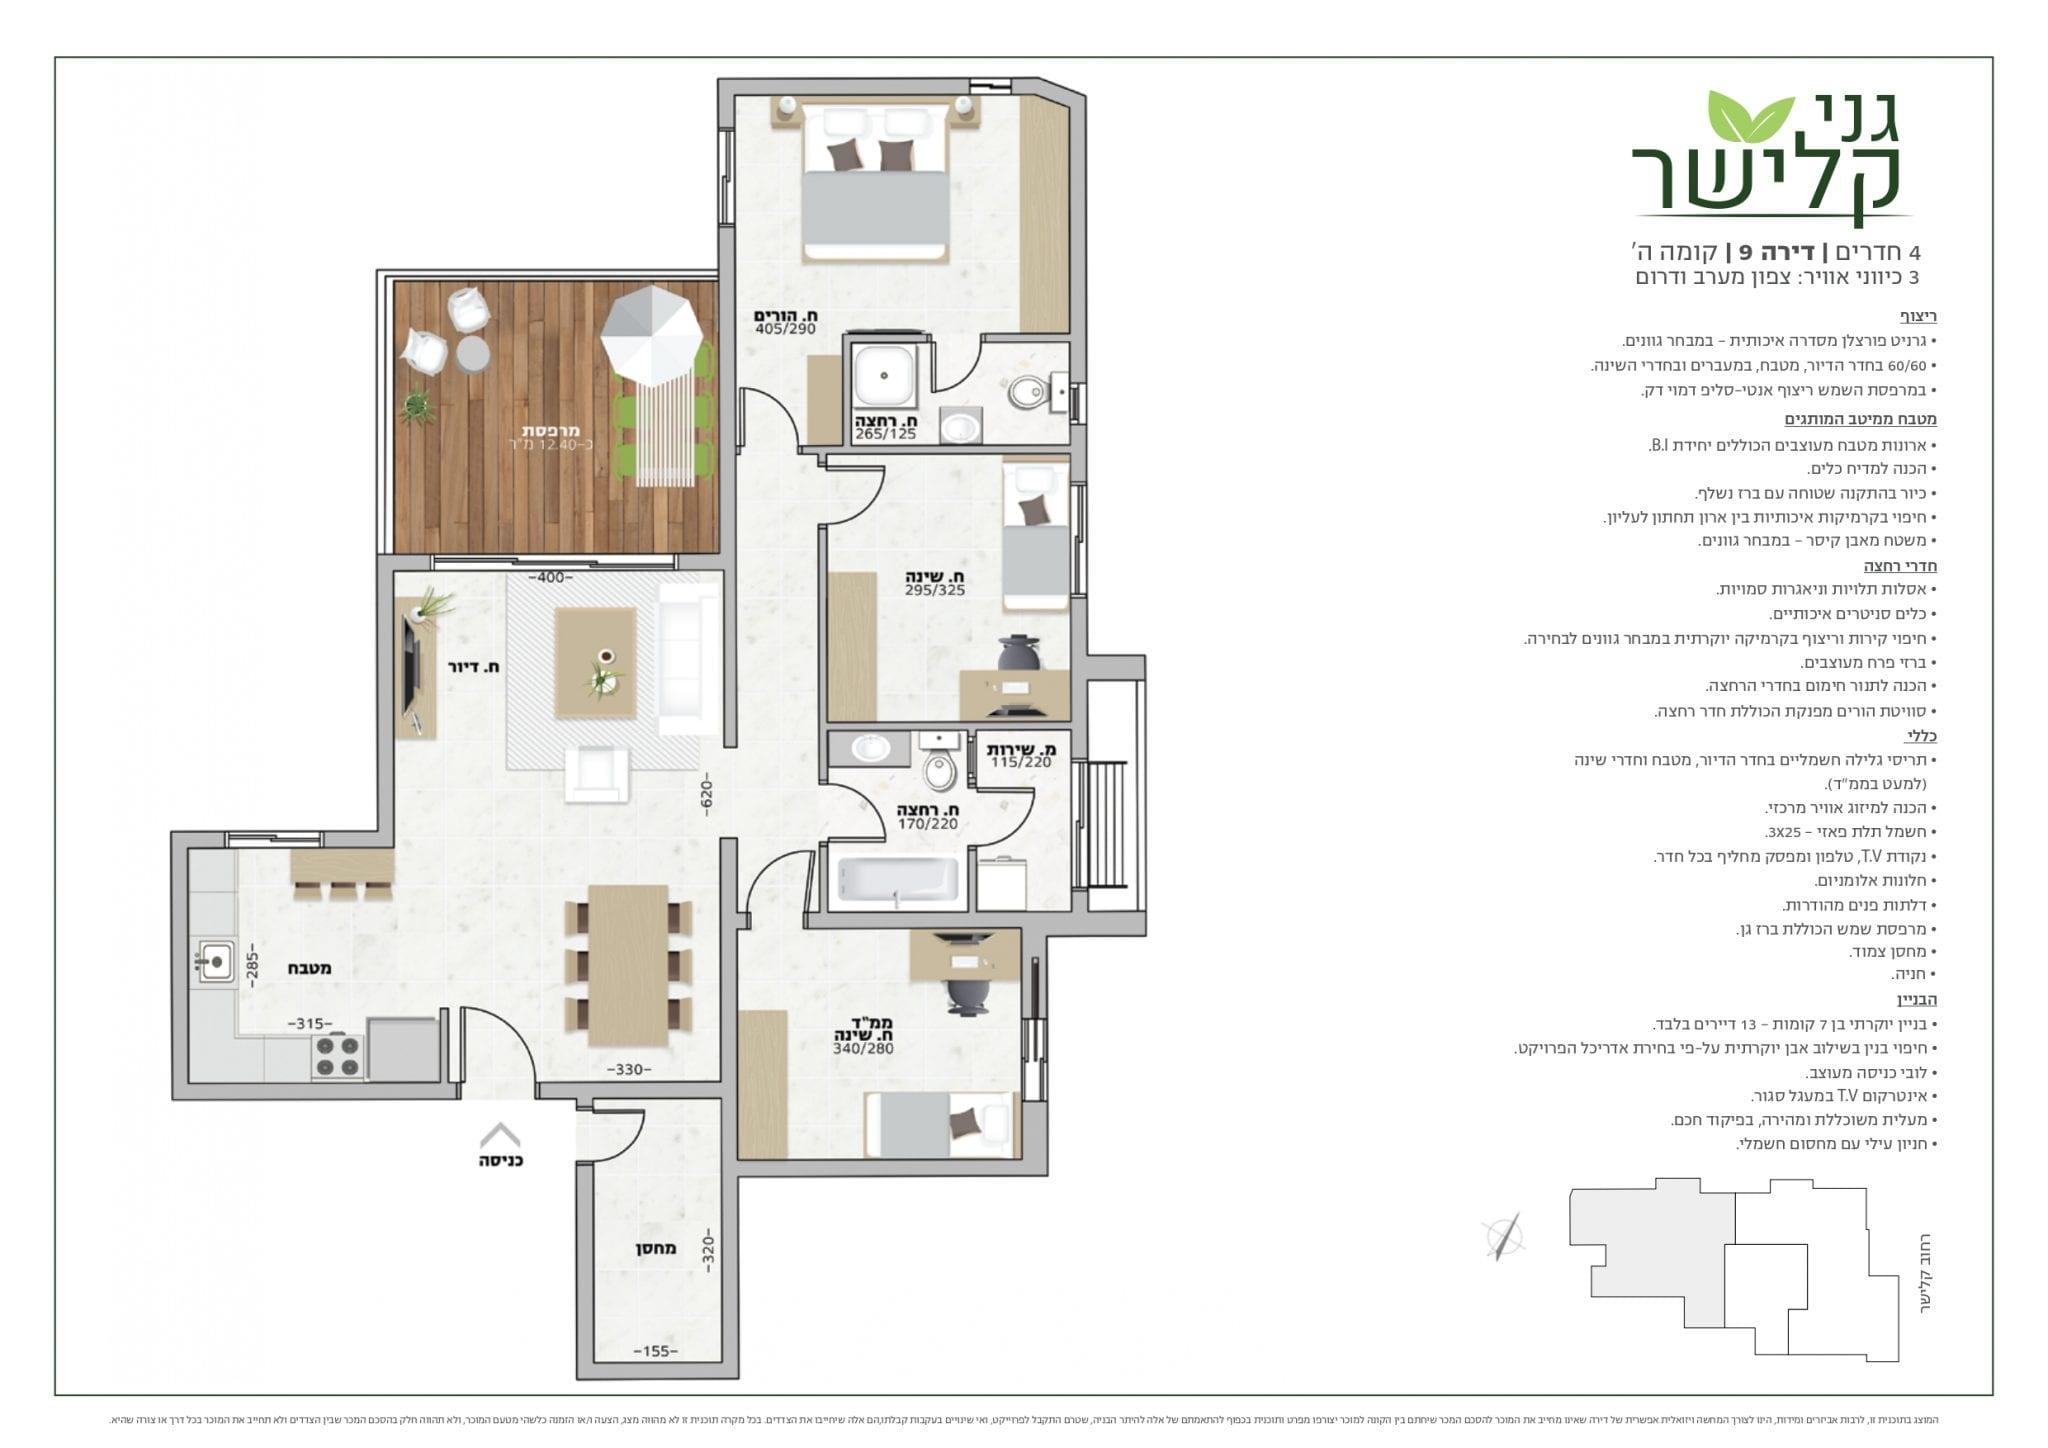 דירת 4 חדרים, קומה 5 - מספר 9